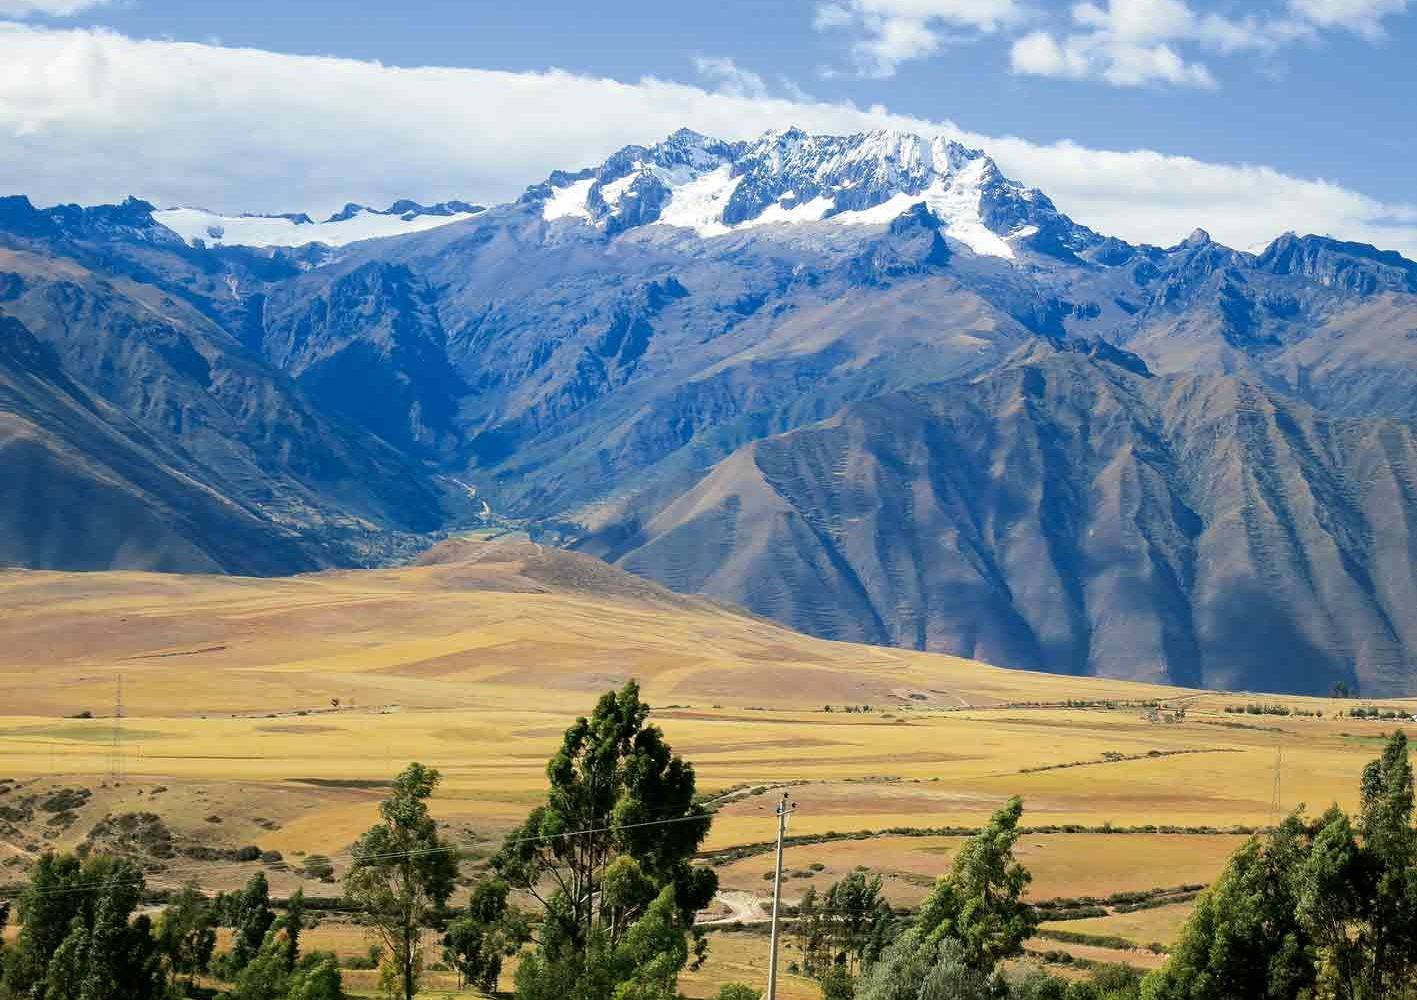 Sicht auf die schneebedeckten Anden, Peru